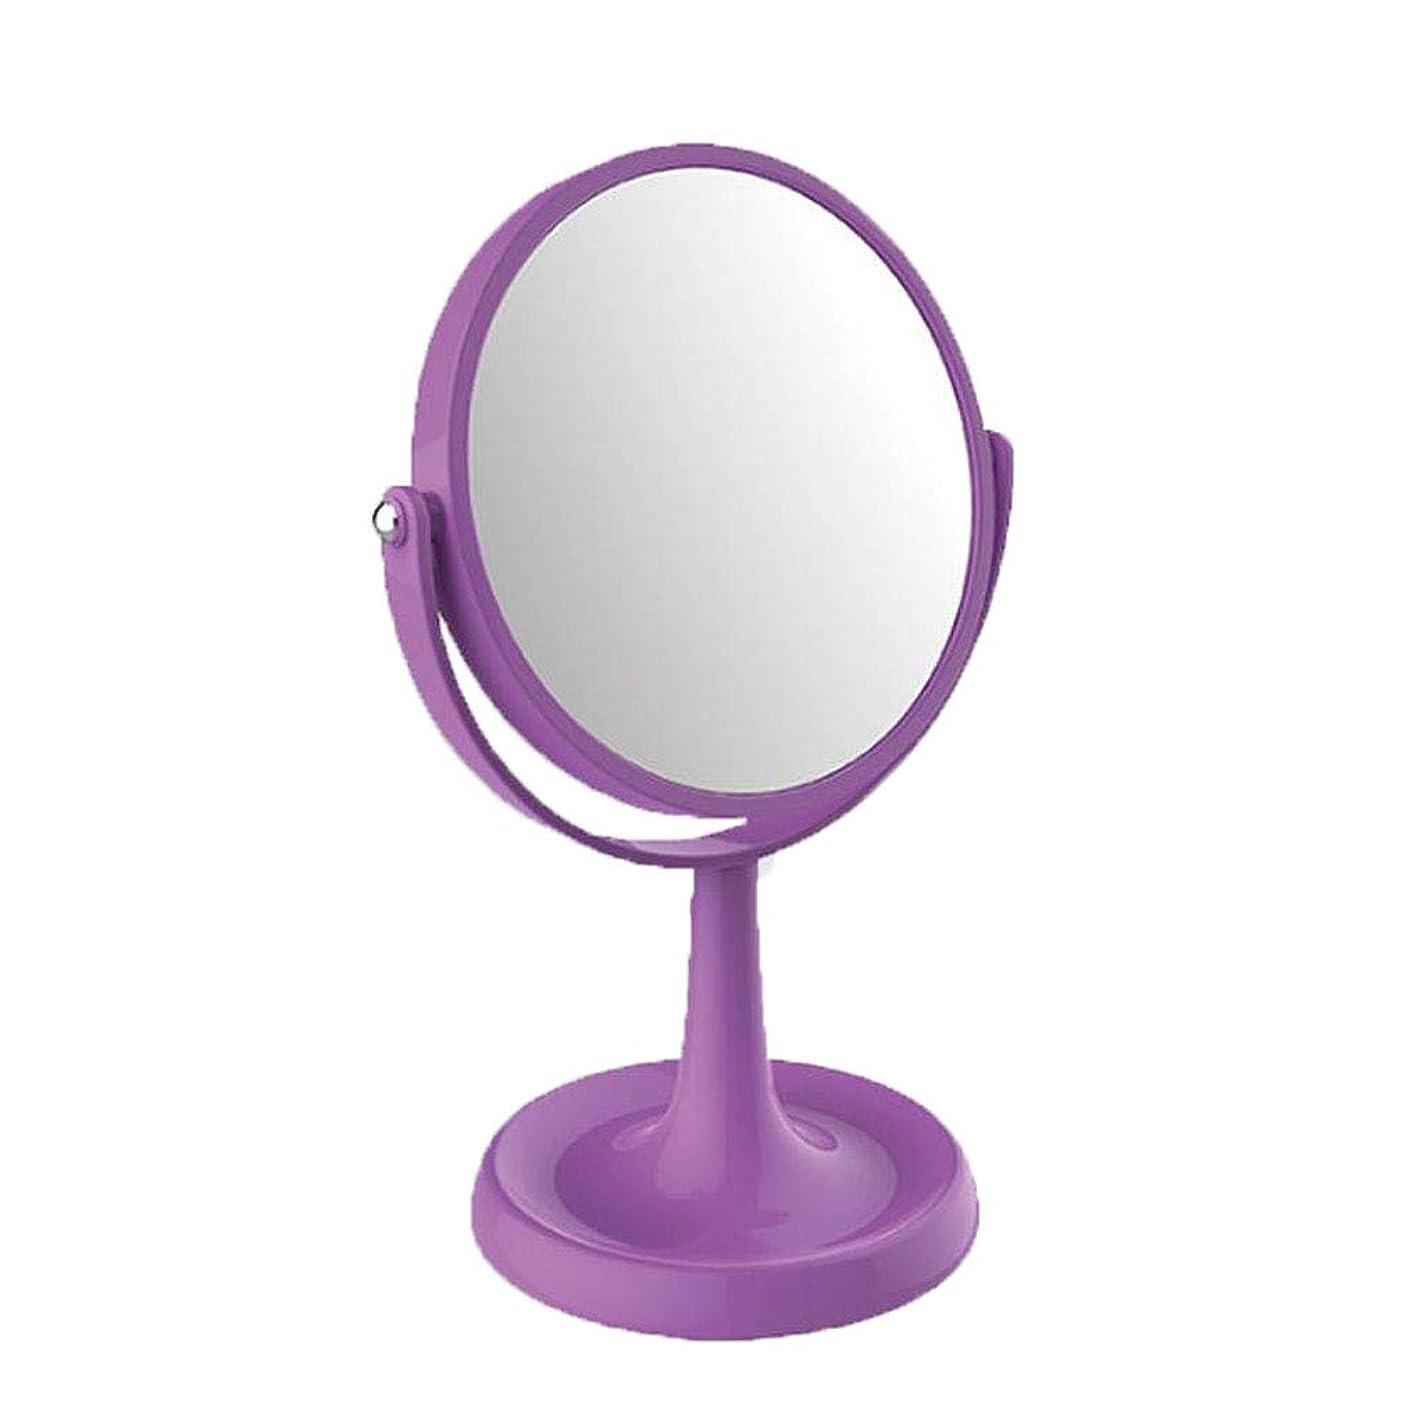 縮れた電話する抗生物質コスメティックミラーコンチネンタルデスクトップ両面ポータブルフルローテーション3倍化粧品スキンケア用HDバニティミラーシェービングと旅行 (Color : Purple)